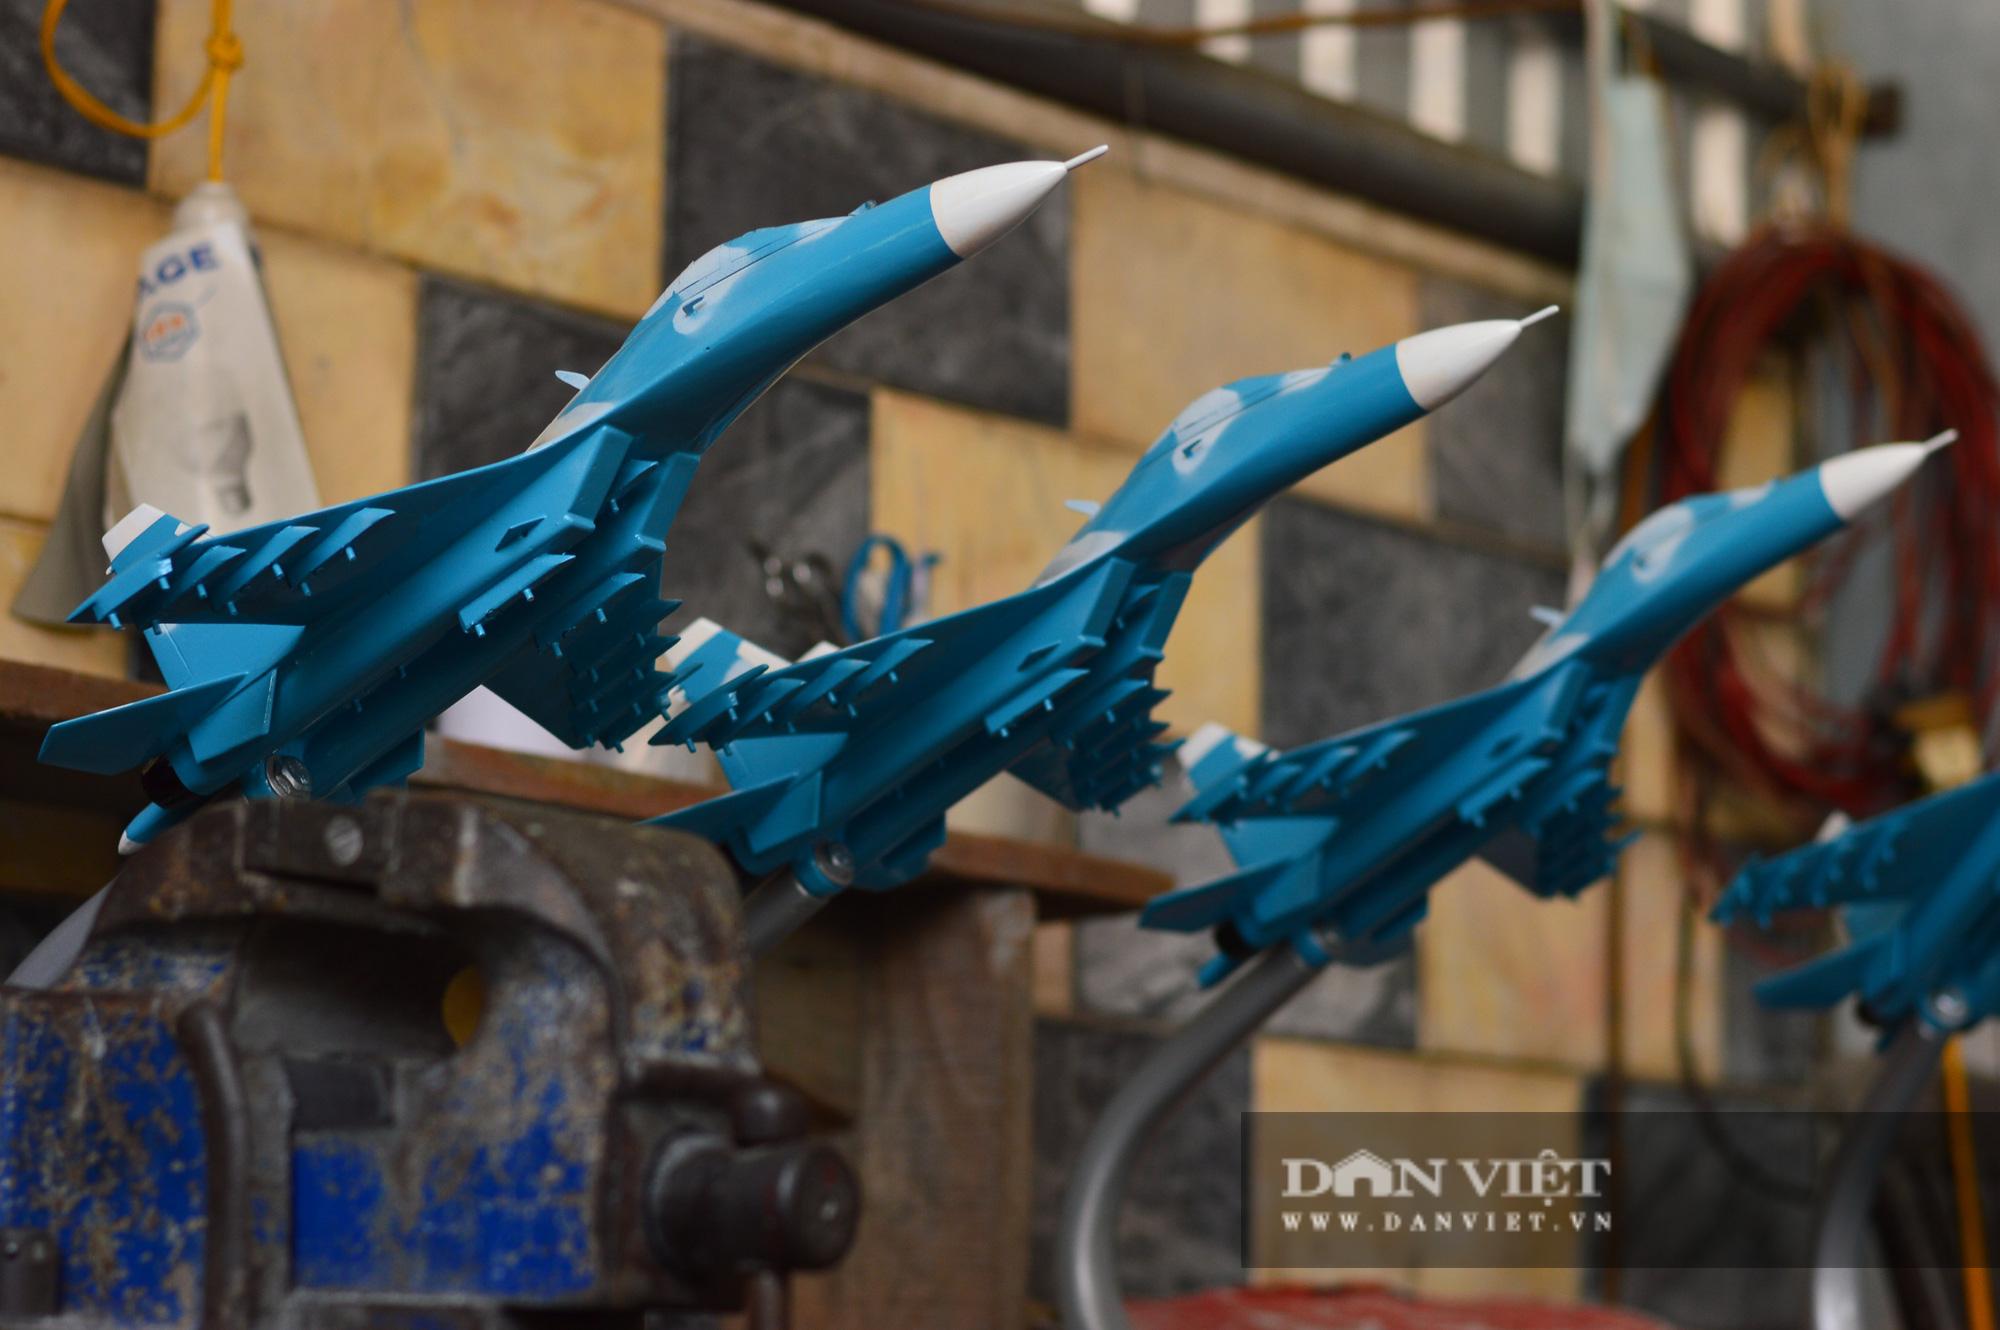 """Người lính Không quân hơn 40 năm """"thổi hồn"""" vào mô hình máy bay chiến đấu - Ảnh 4."""